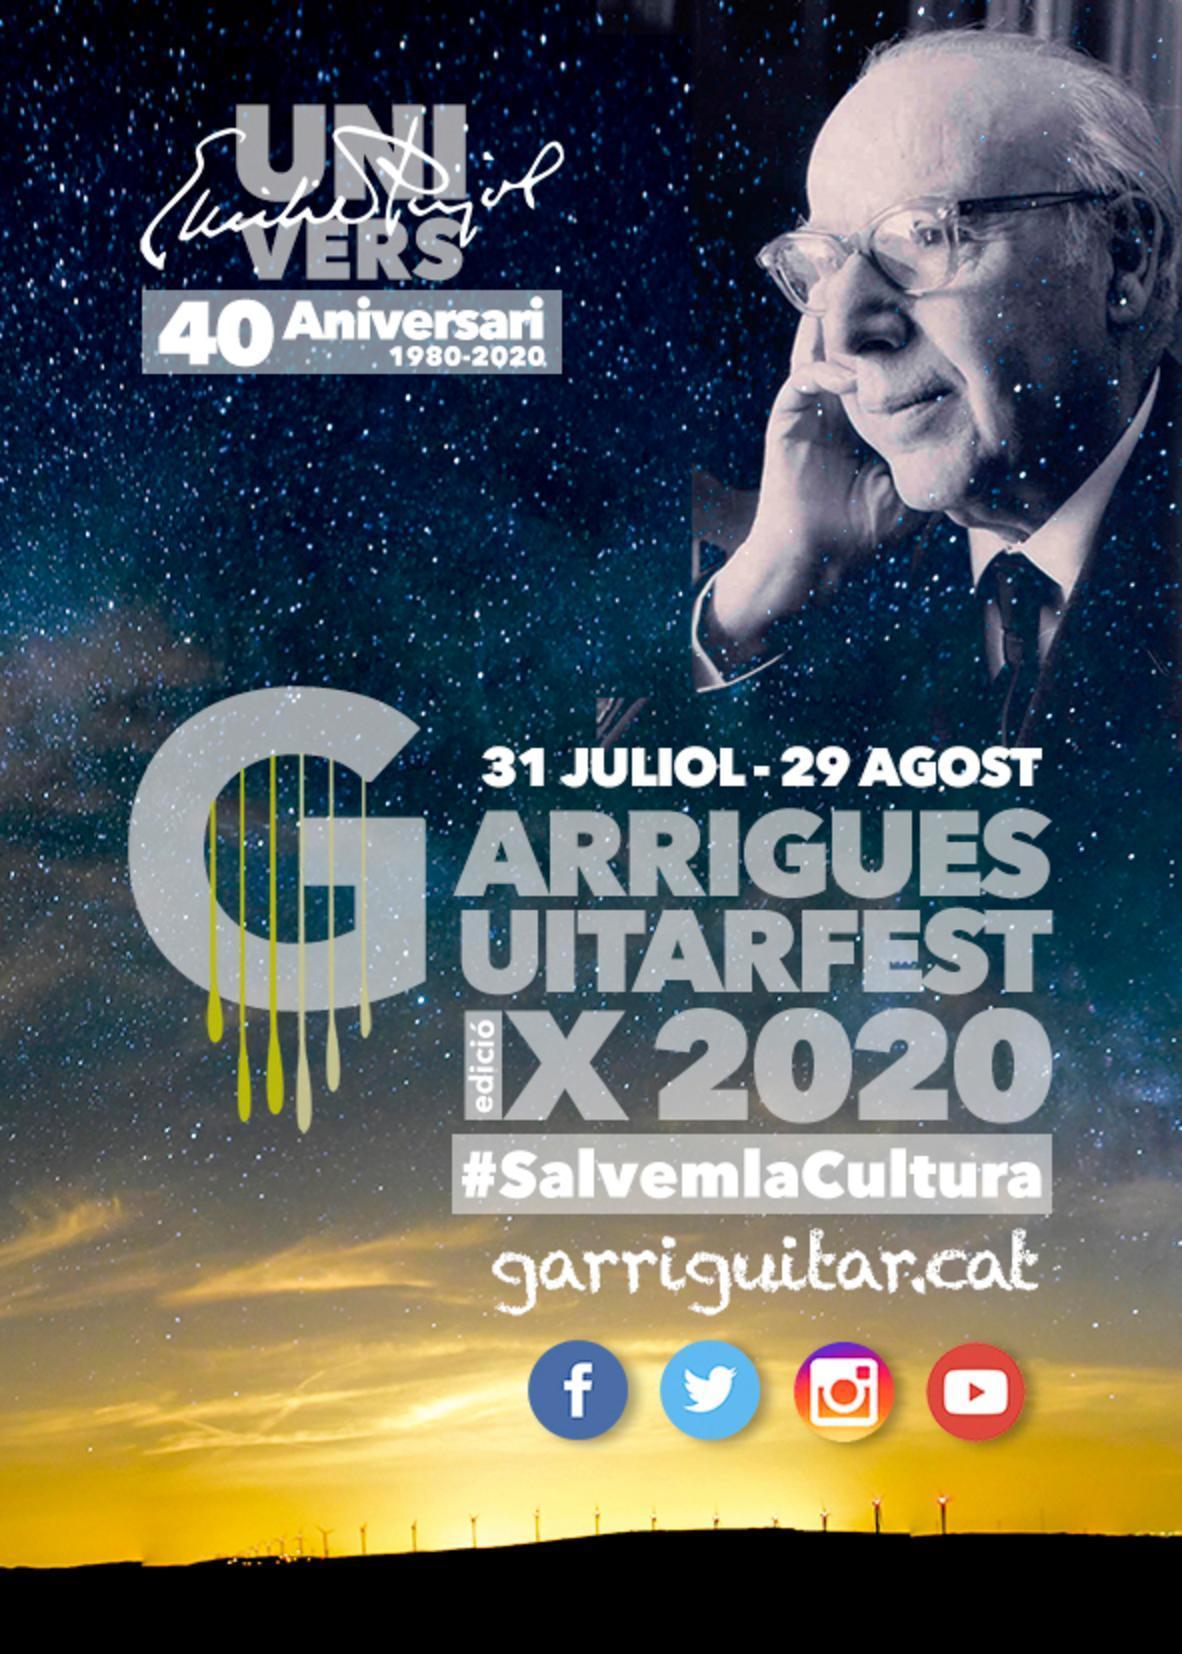 Tente en el aire - Garrigues Guitar Festival